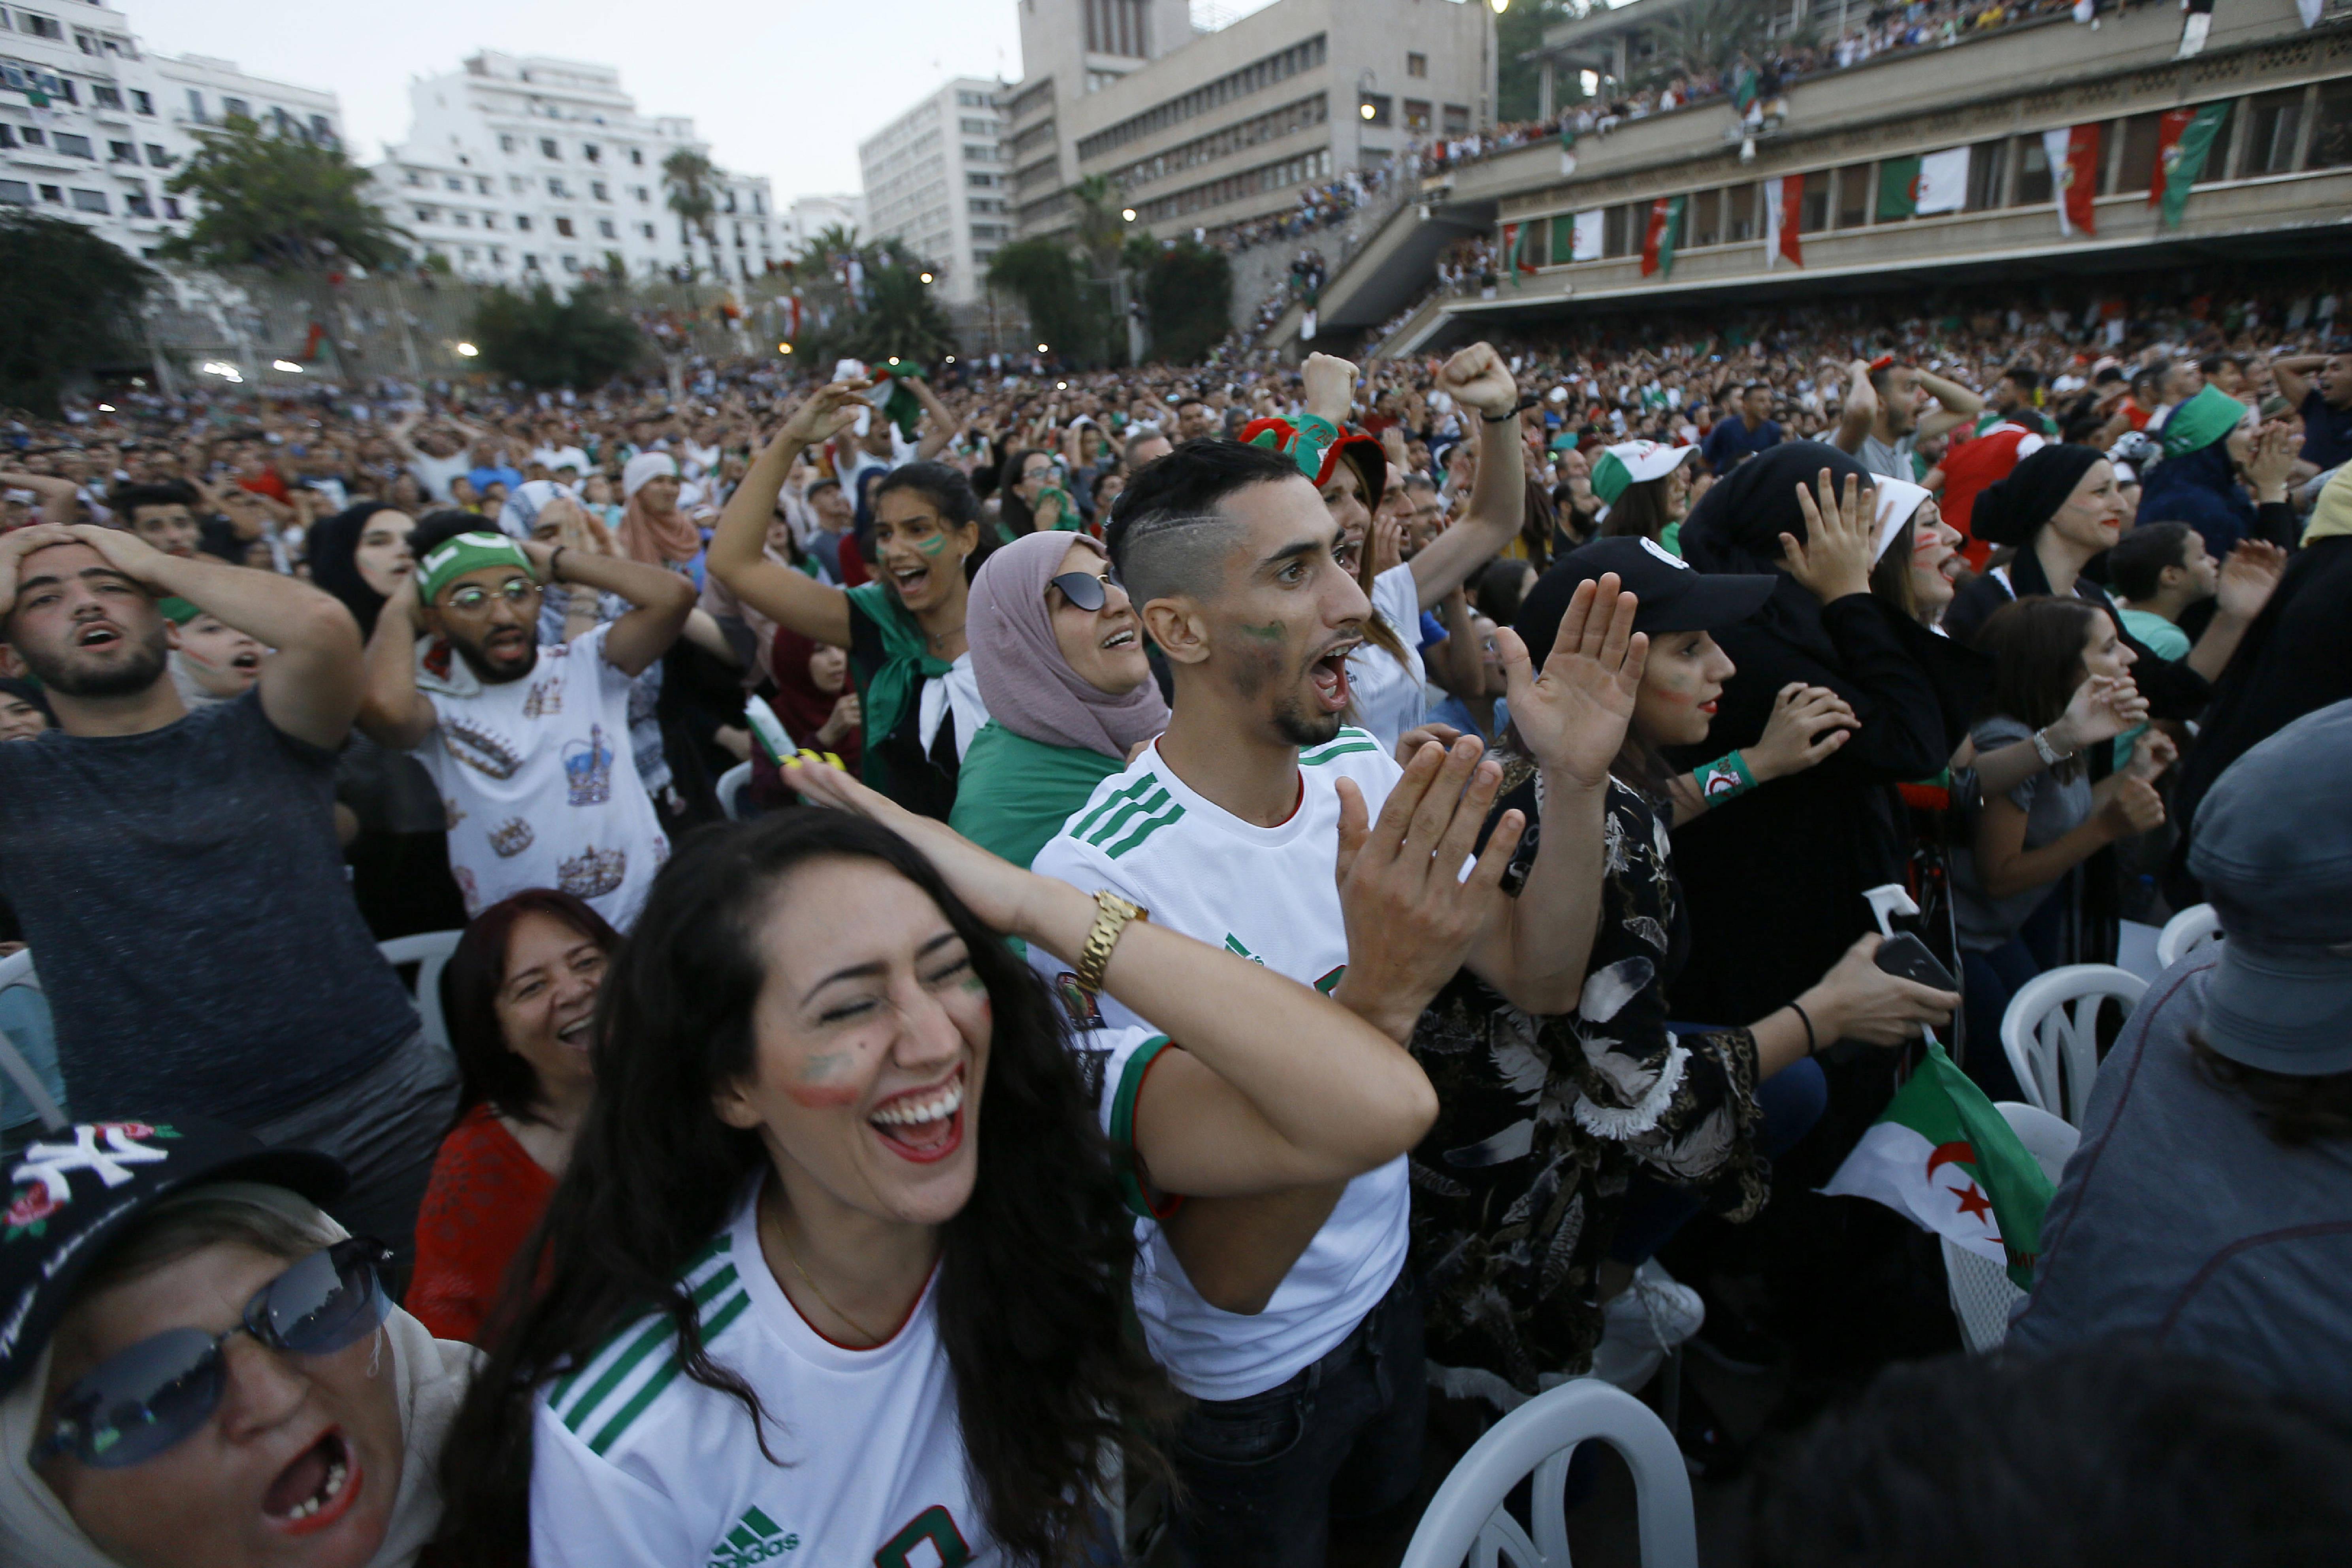 Des supporteurs dans le stade Ouaguenouni d'Alger, lors de la demi-finale de la CAN opposant l'Algérie au Nigeria, dimanche 14 juillet 2019.